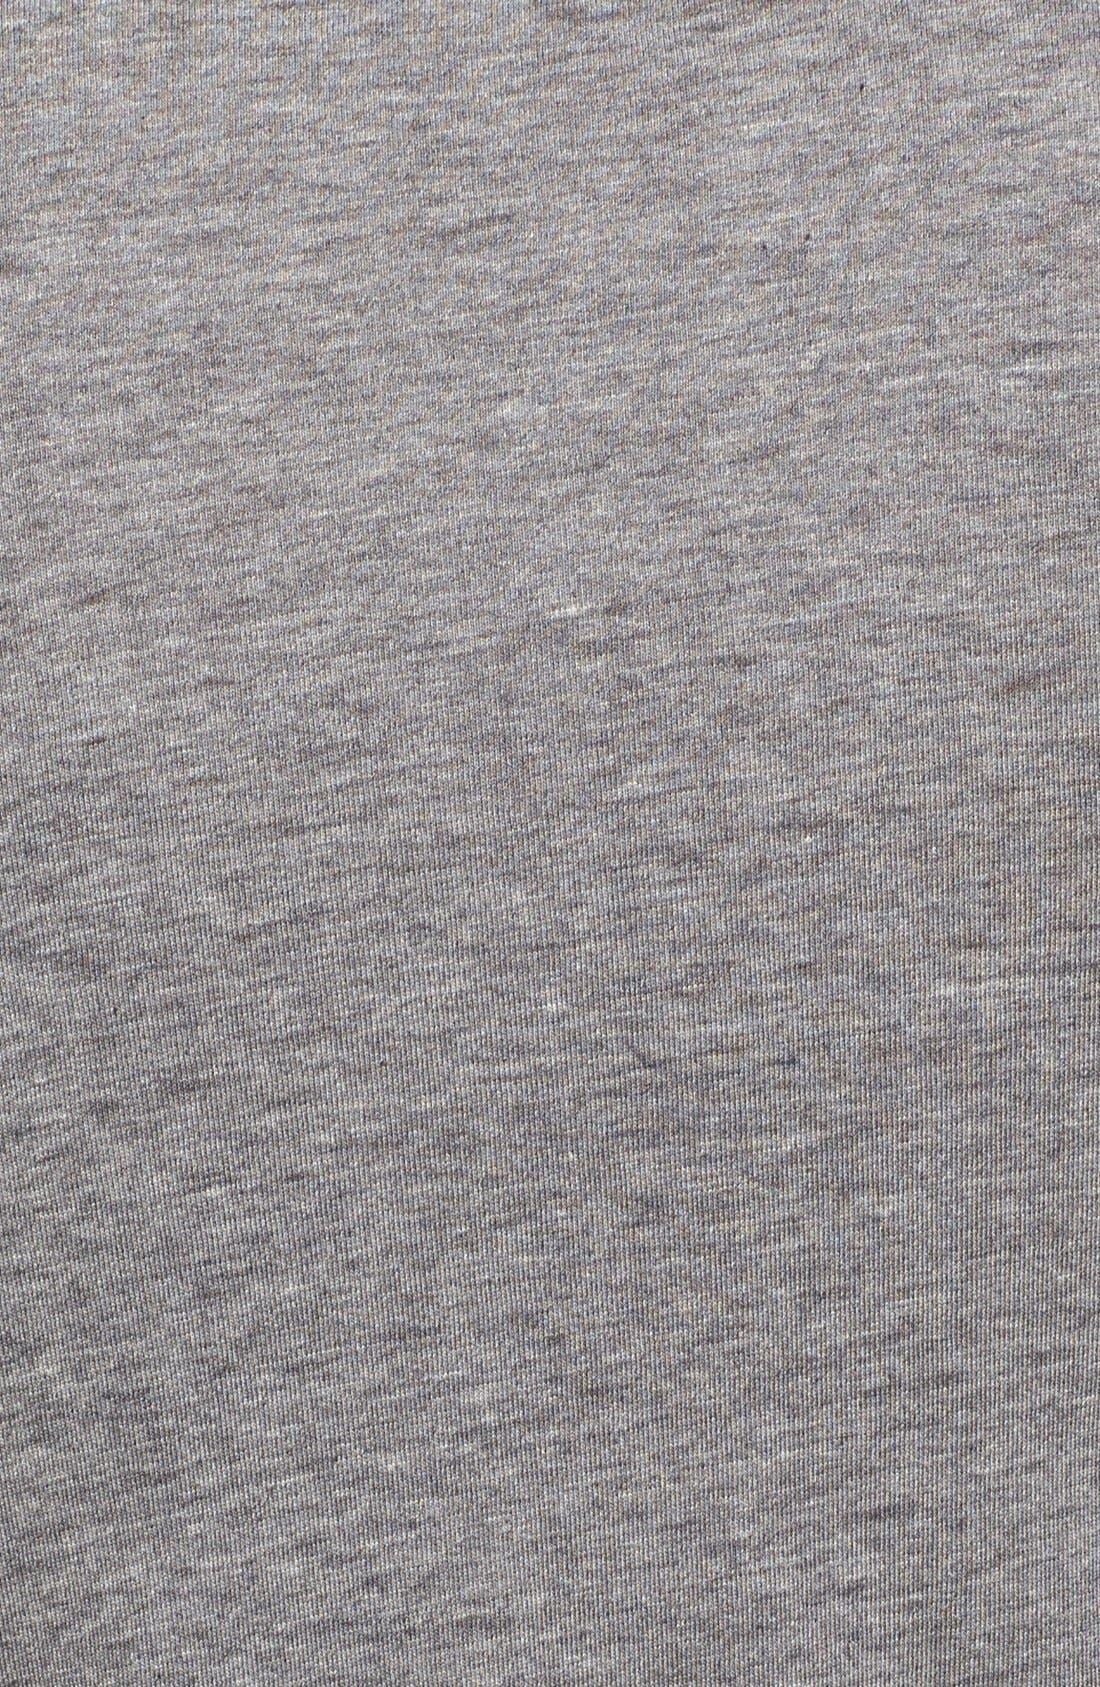 Alternate Image 3  - Red Jacket Trim Fit V-Neck T-Shirt